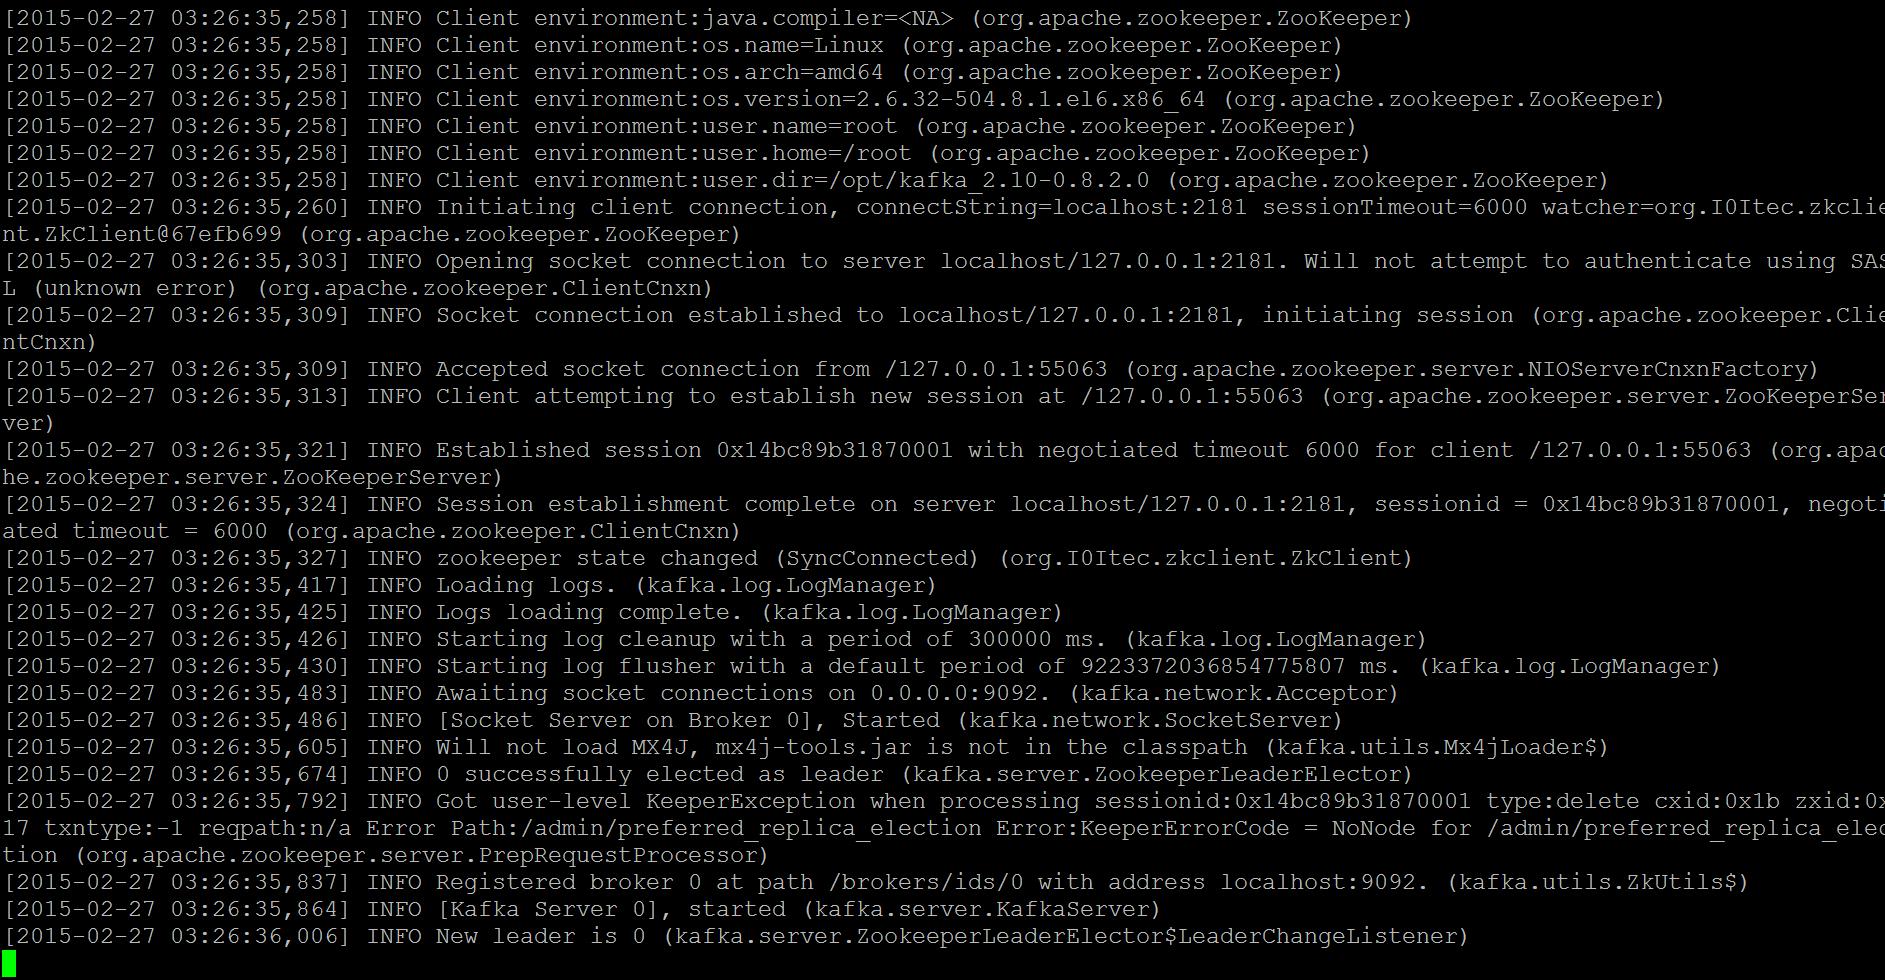 yum install ffmpeg centos 6.8